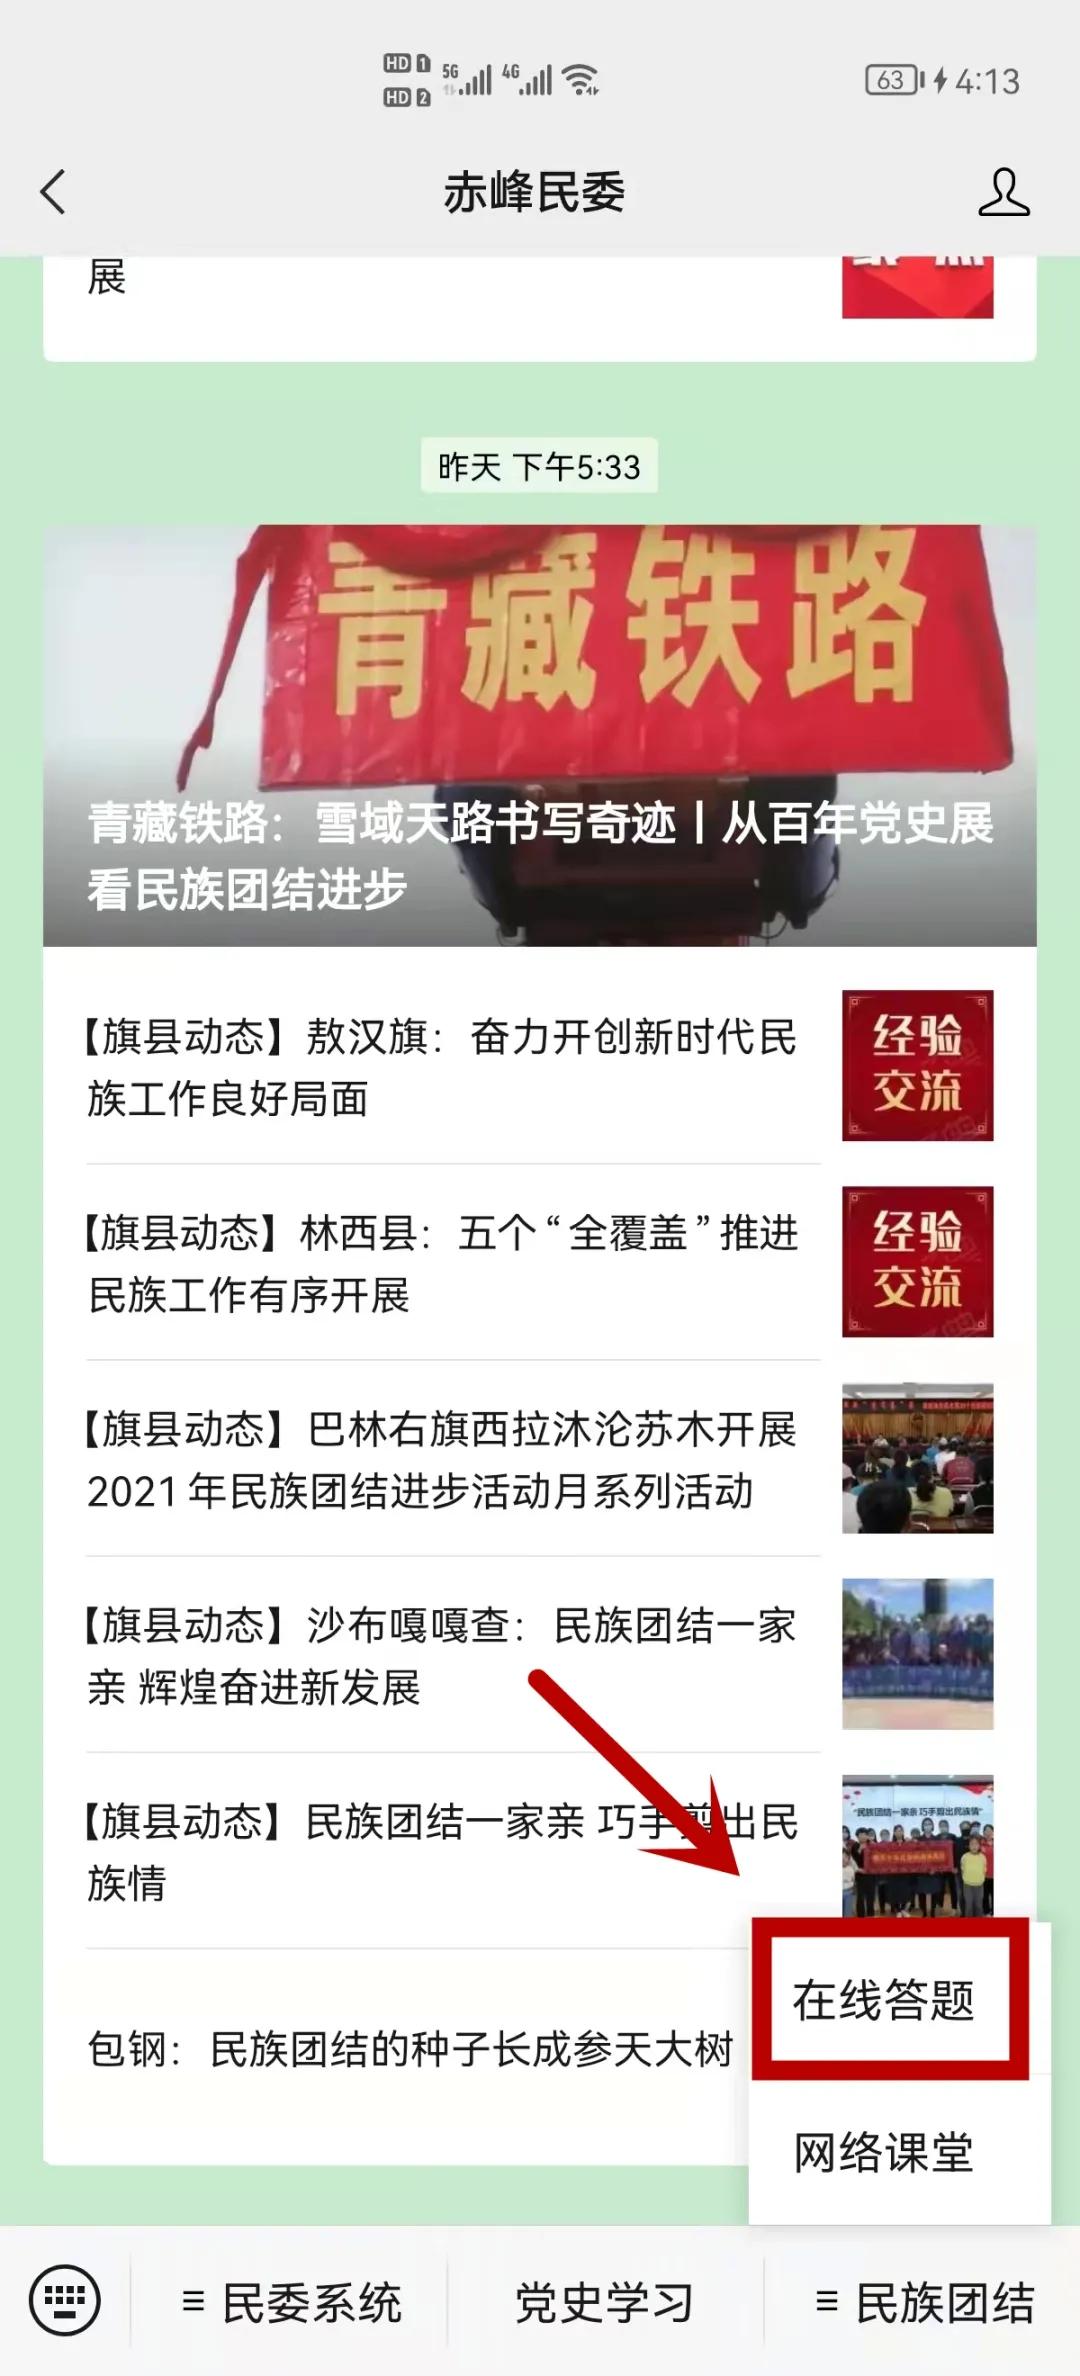 赤峰市铸牢中华民族共同体意识有奖答题